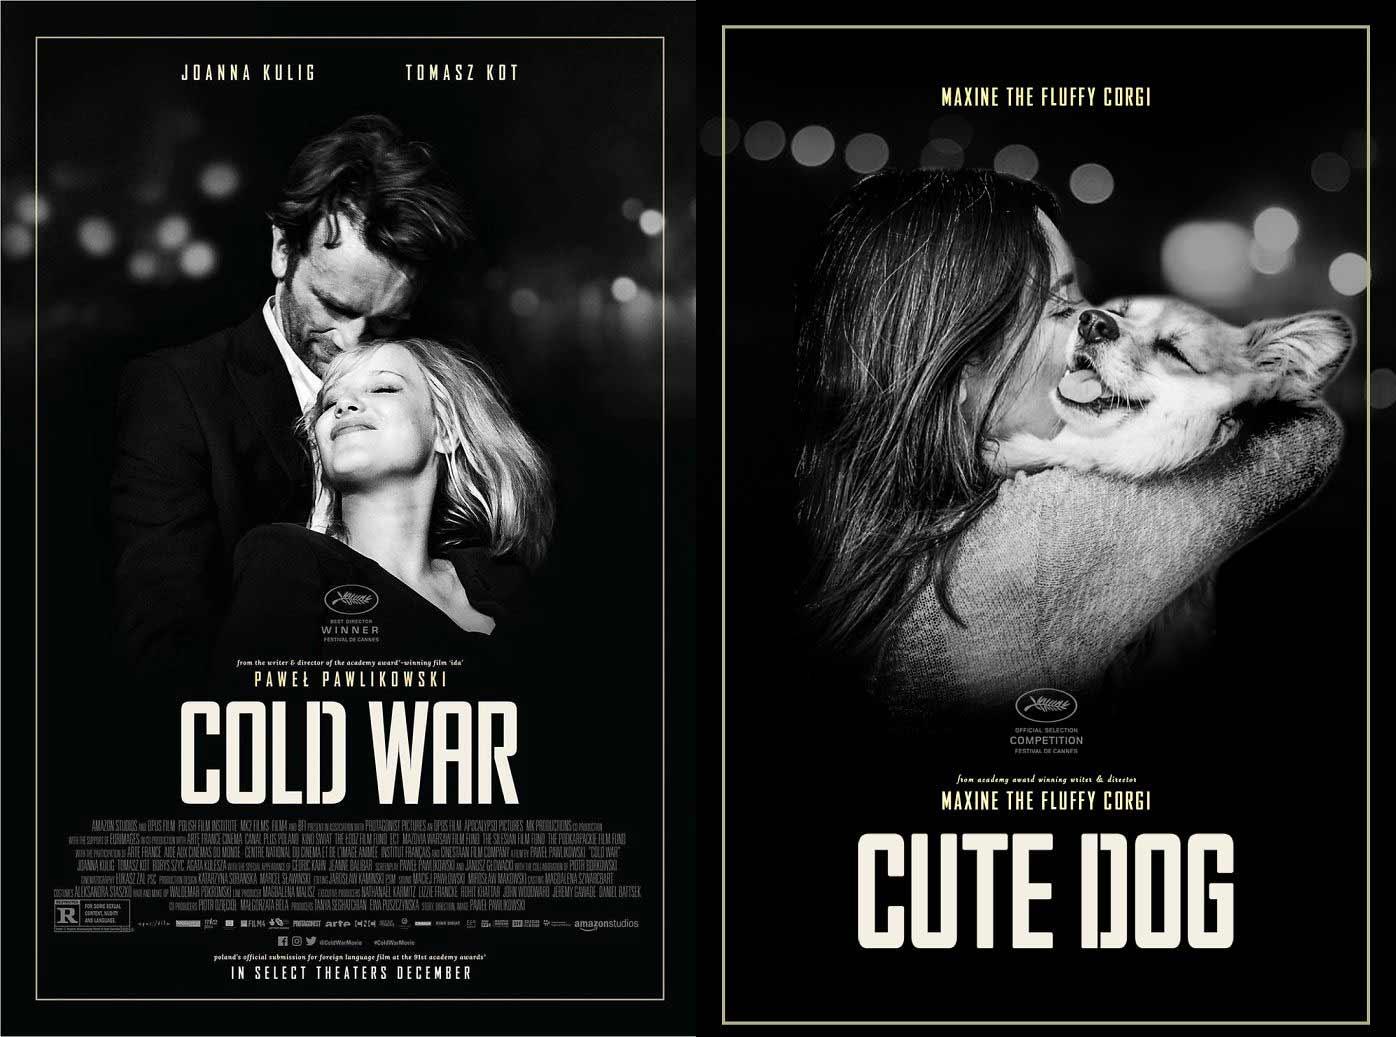 Bekannte Filmplakate mit Corgi verbessert filmposter-mit-corgi-hund_06